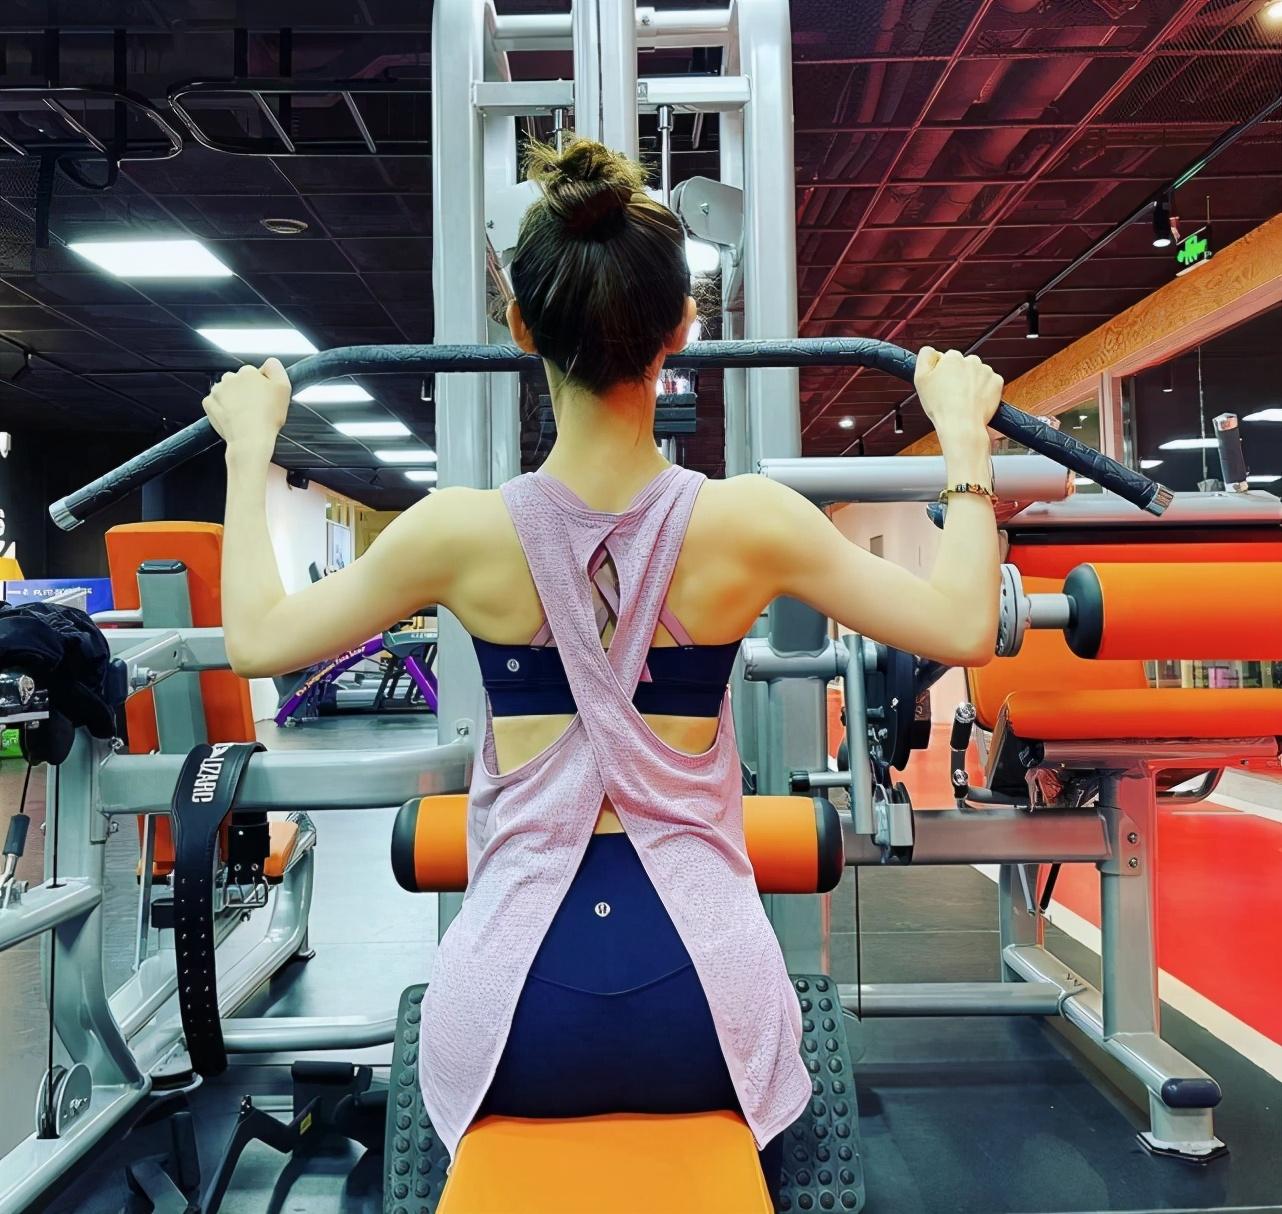 刘强东娇妻太努力了!章泽天晒健身照,S型曲线修长美腿惊艳众人